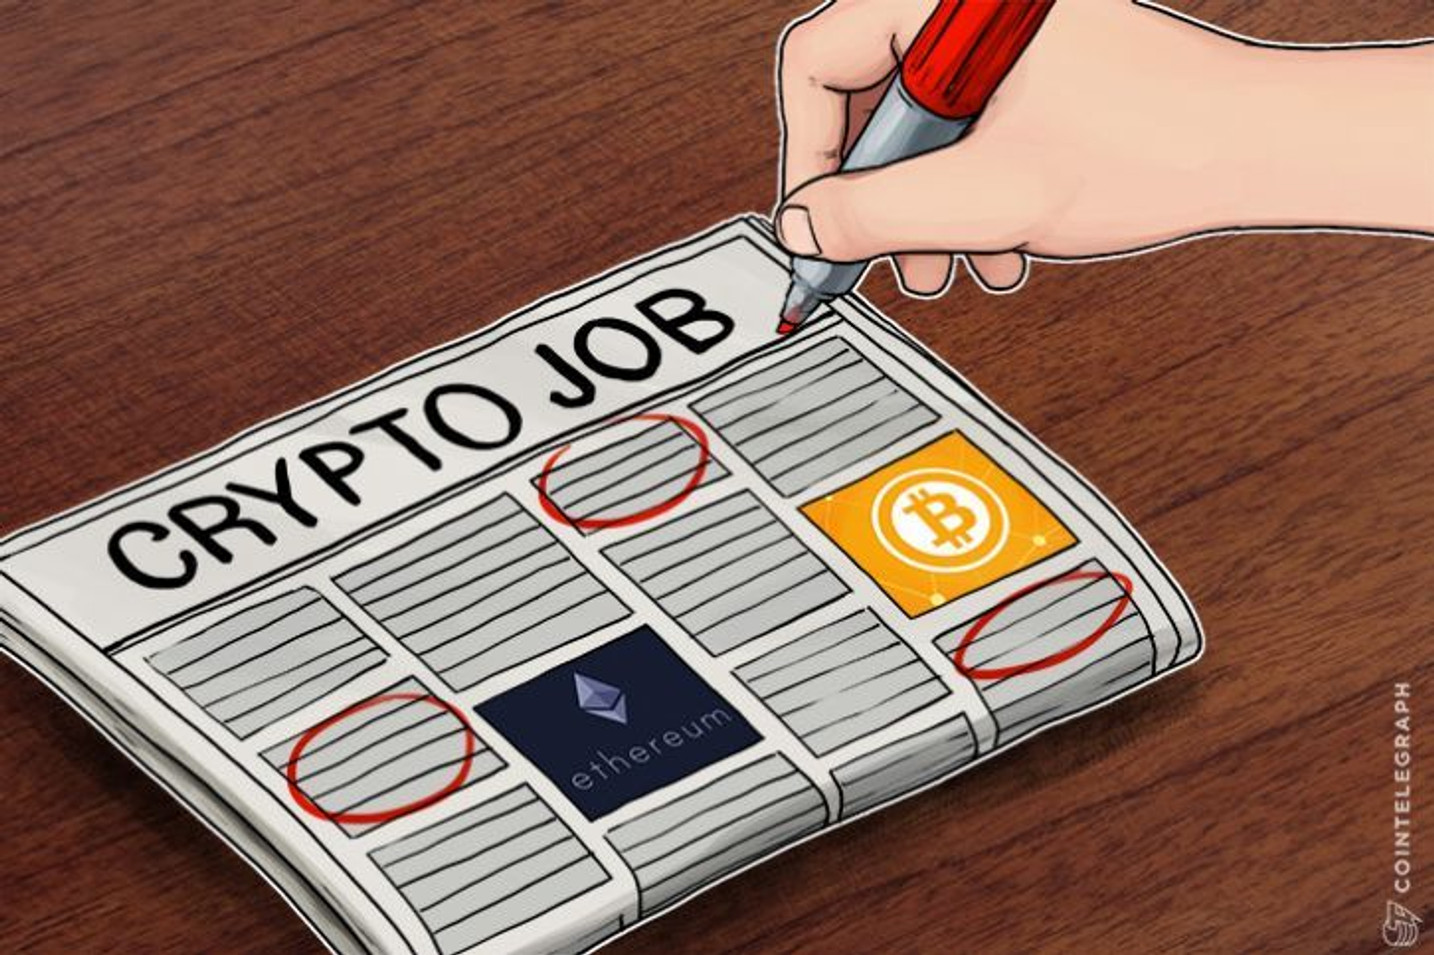 過去6か月で仮想通貨関連の仕事の求人数が2倍に